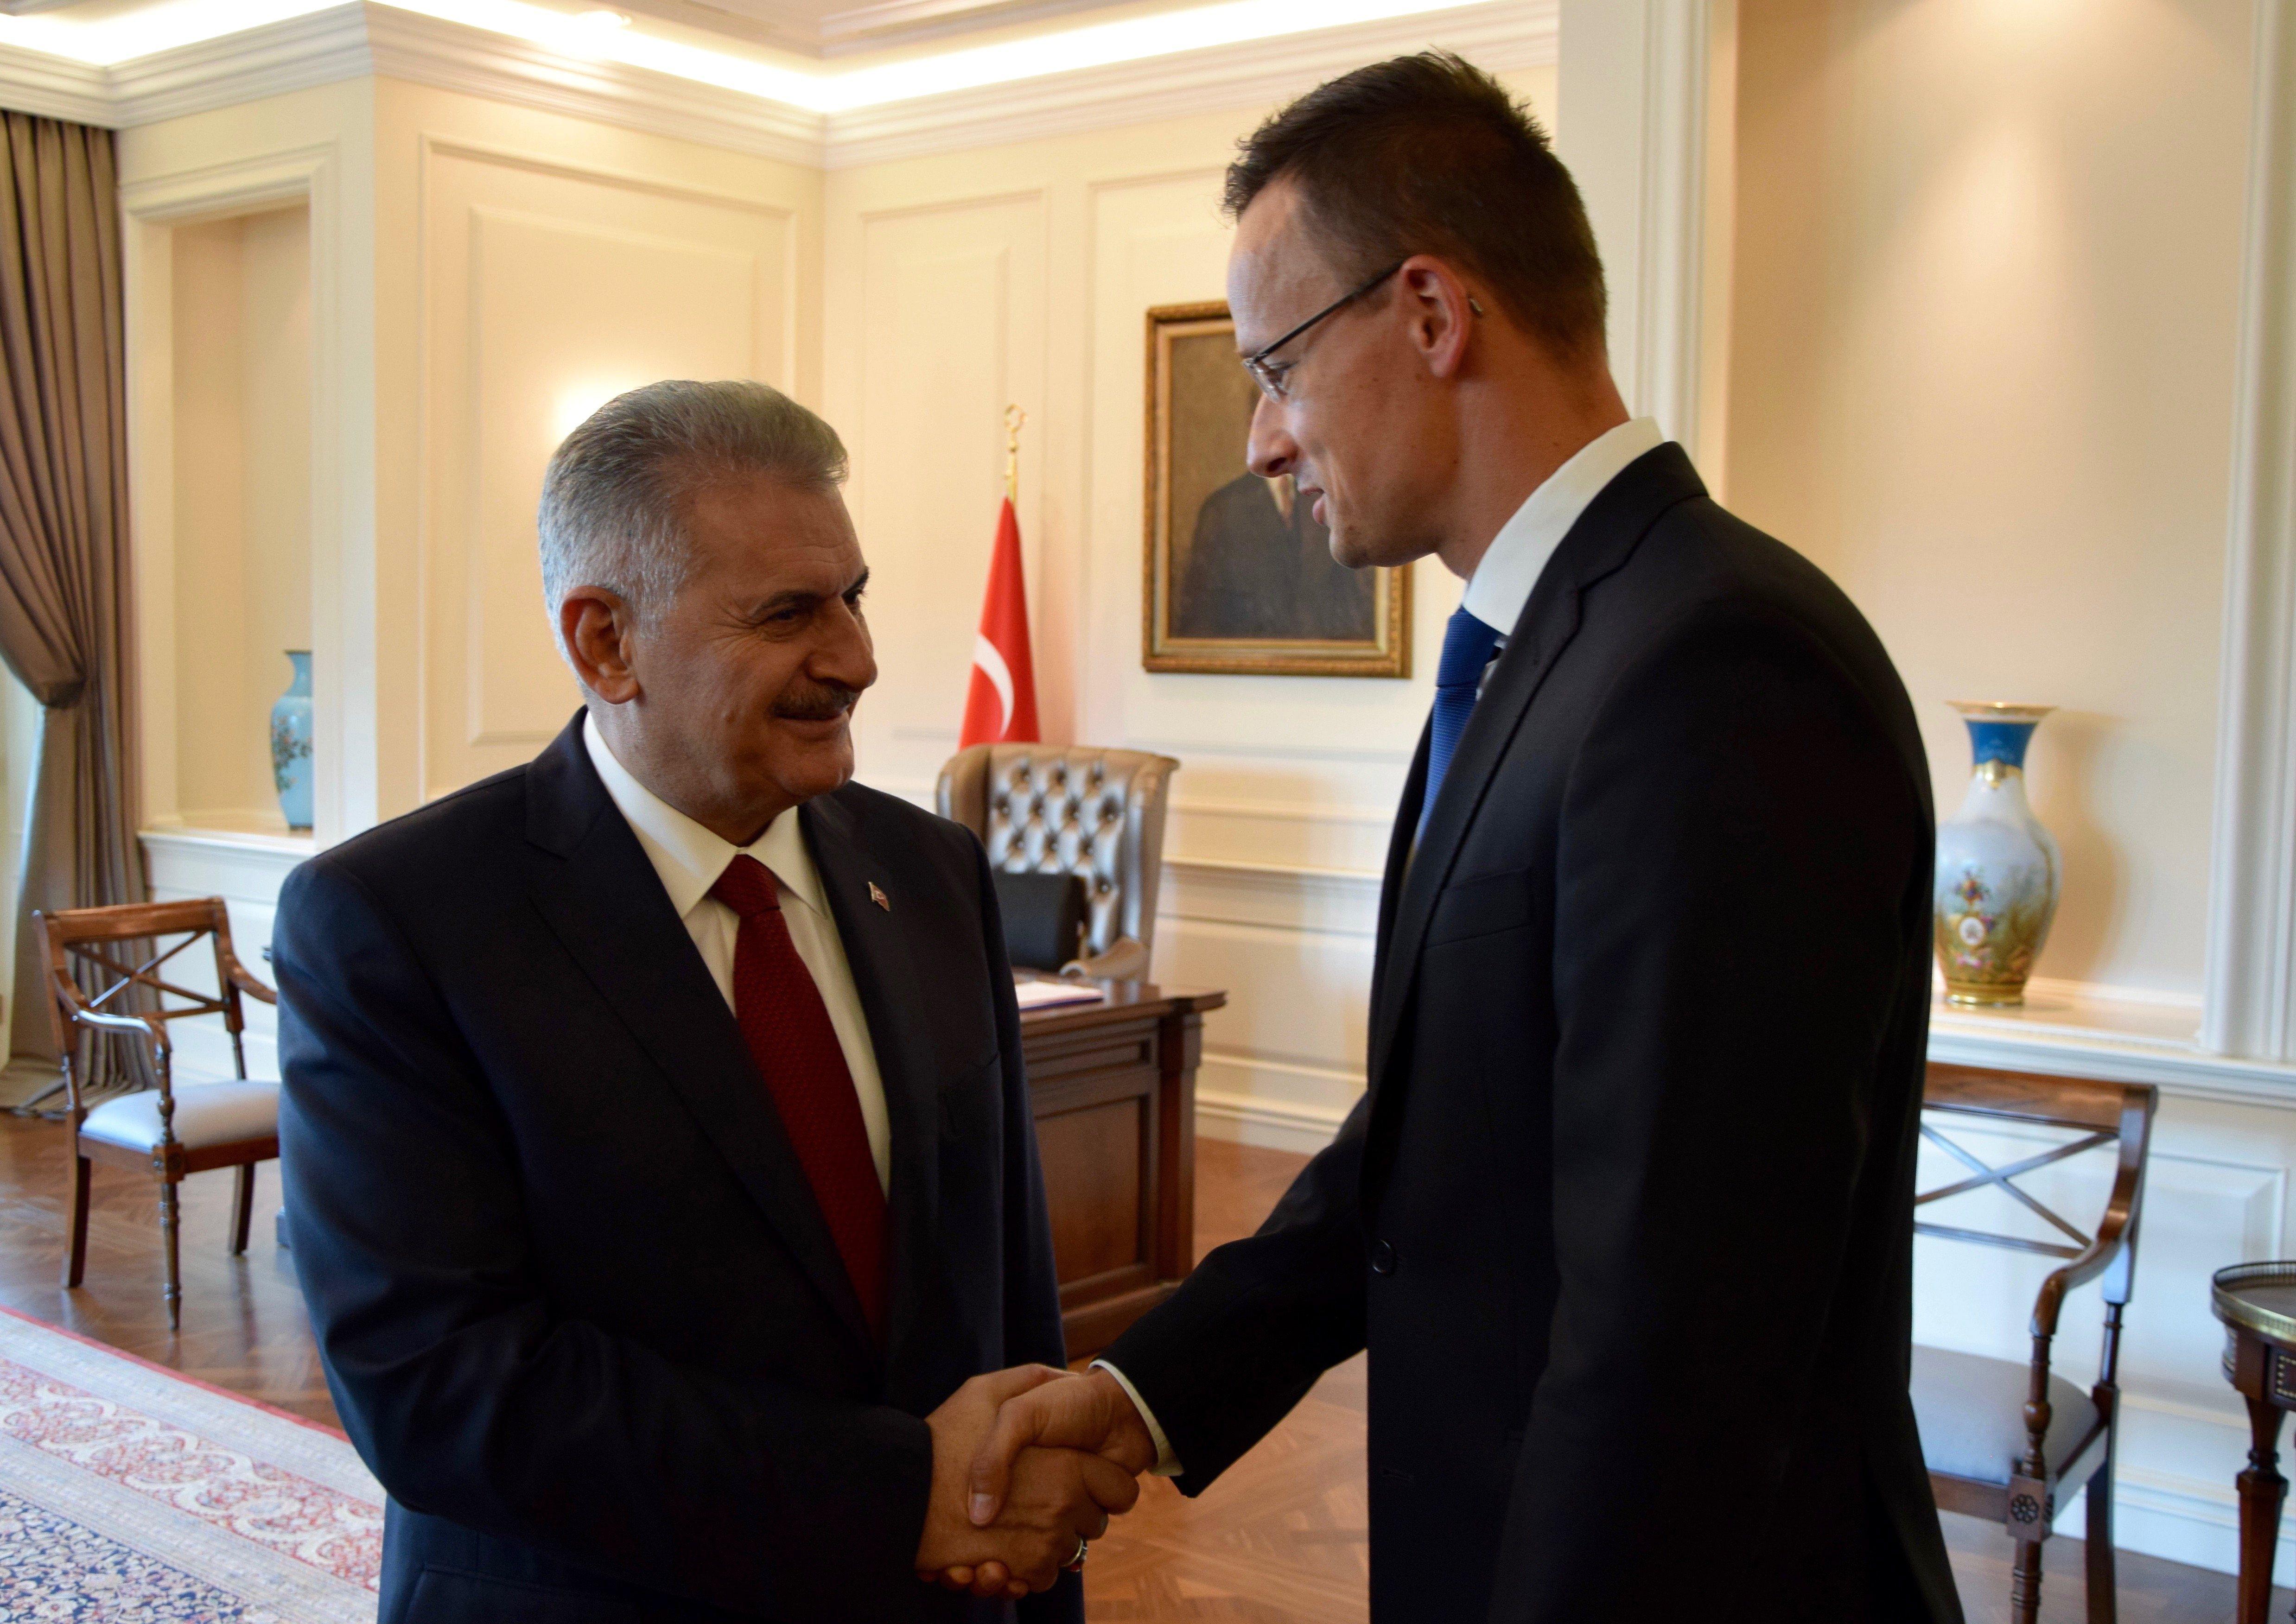 Szijjártó Péter Ankarában: El kell fogadni a török kormány puccsra adott válaszát